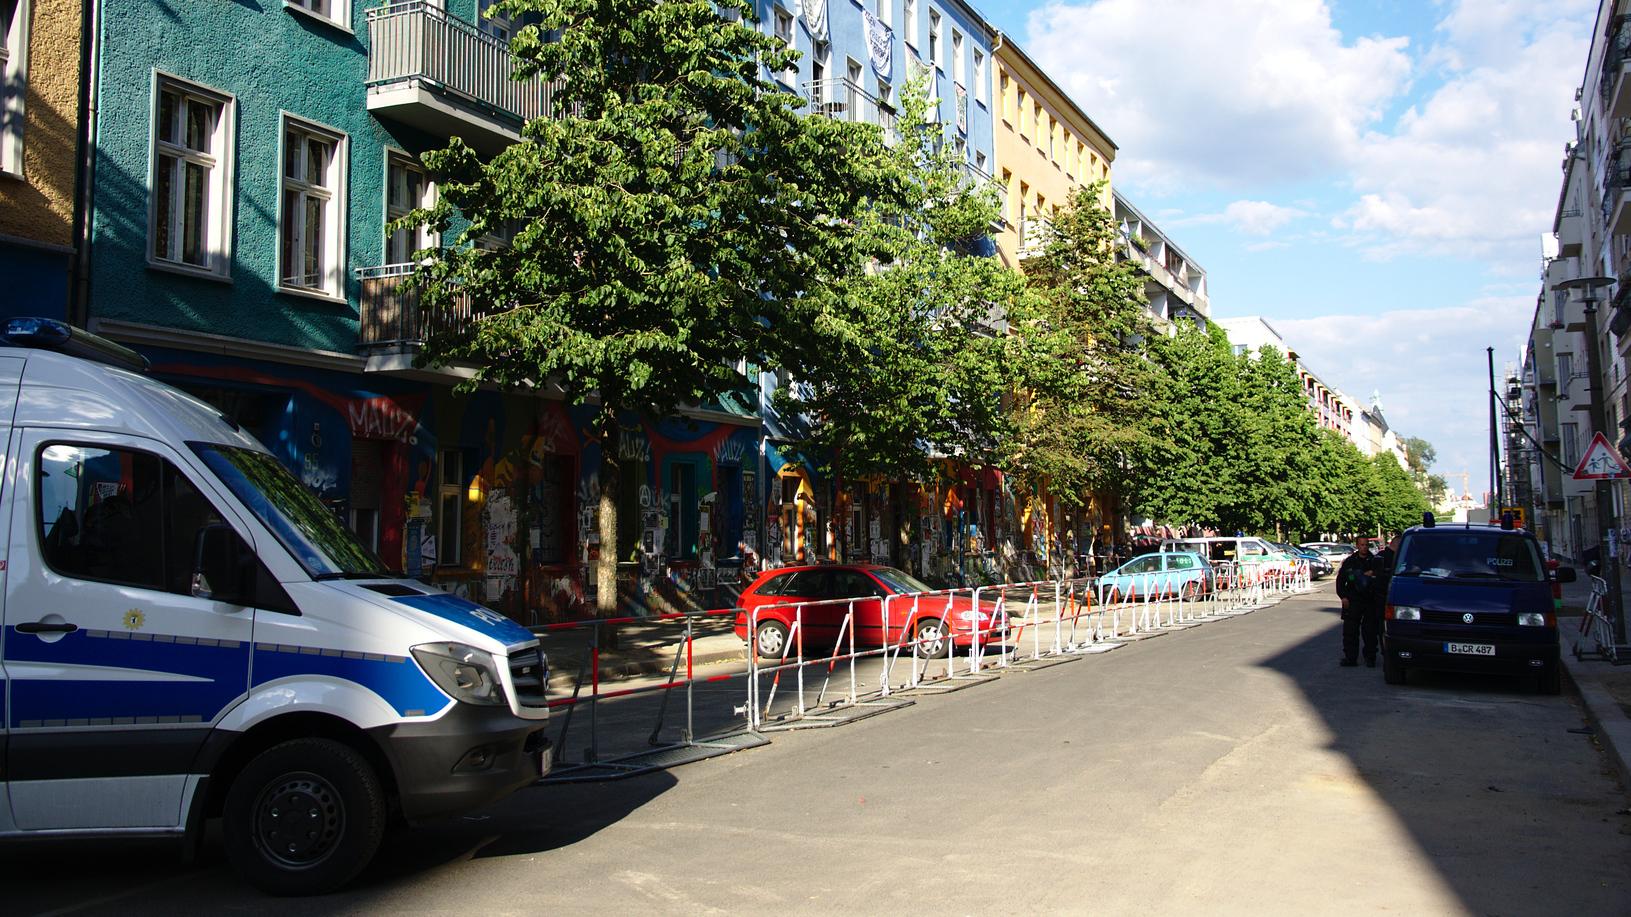 Das Sperrgebiet vor der Rigaer Straße 94 bis 96 am 26. Juni 2016